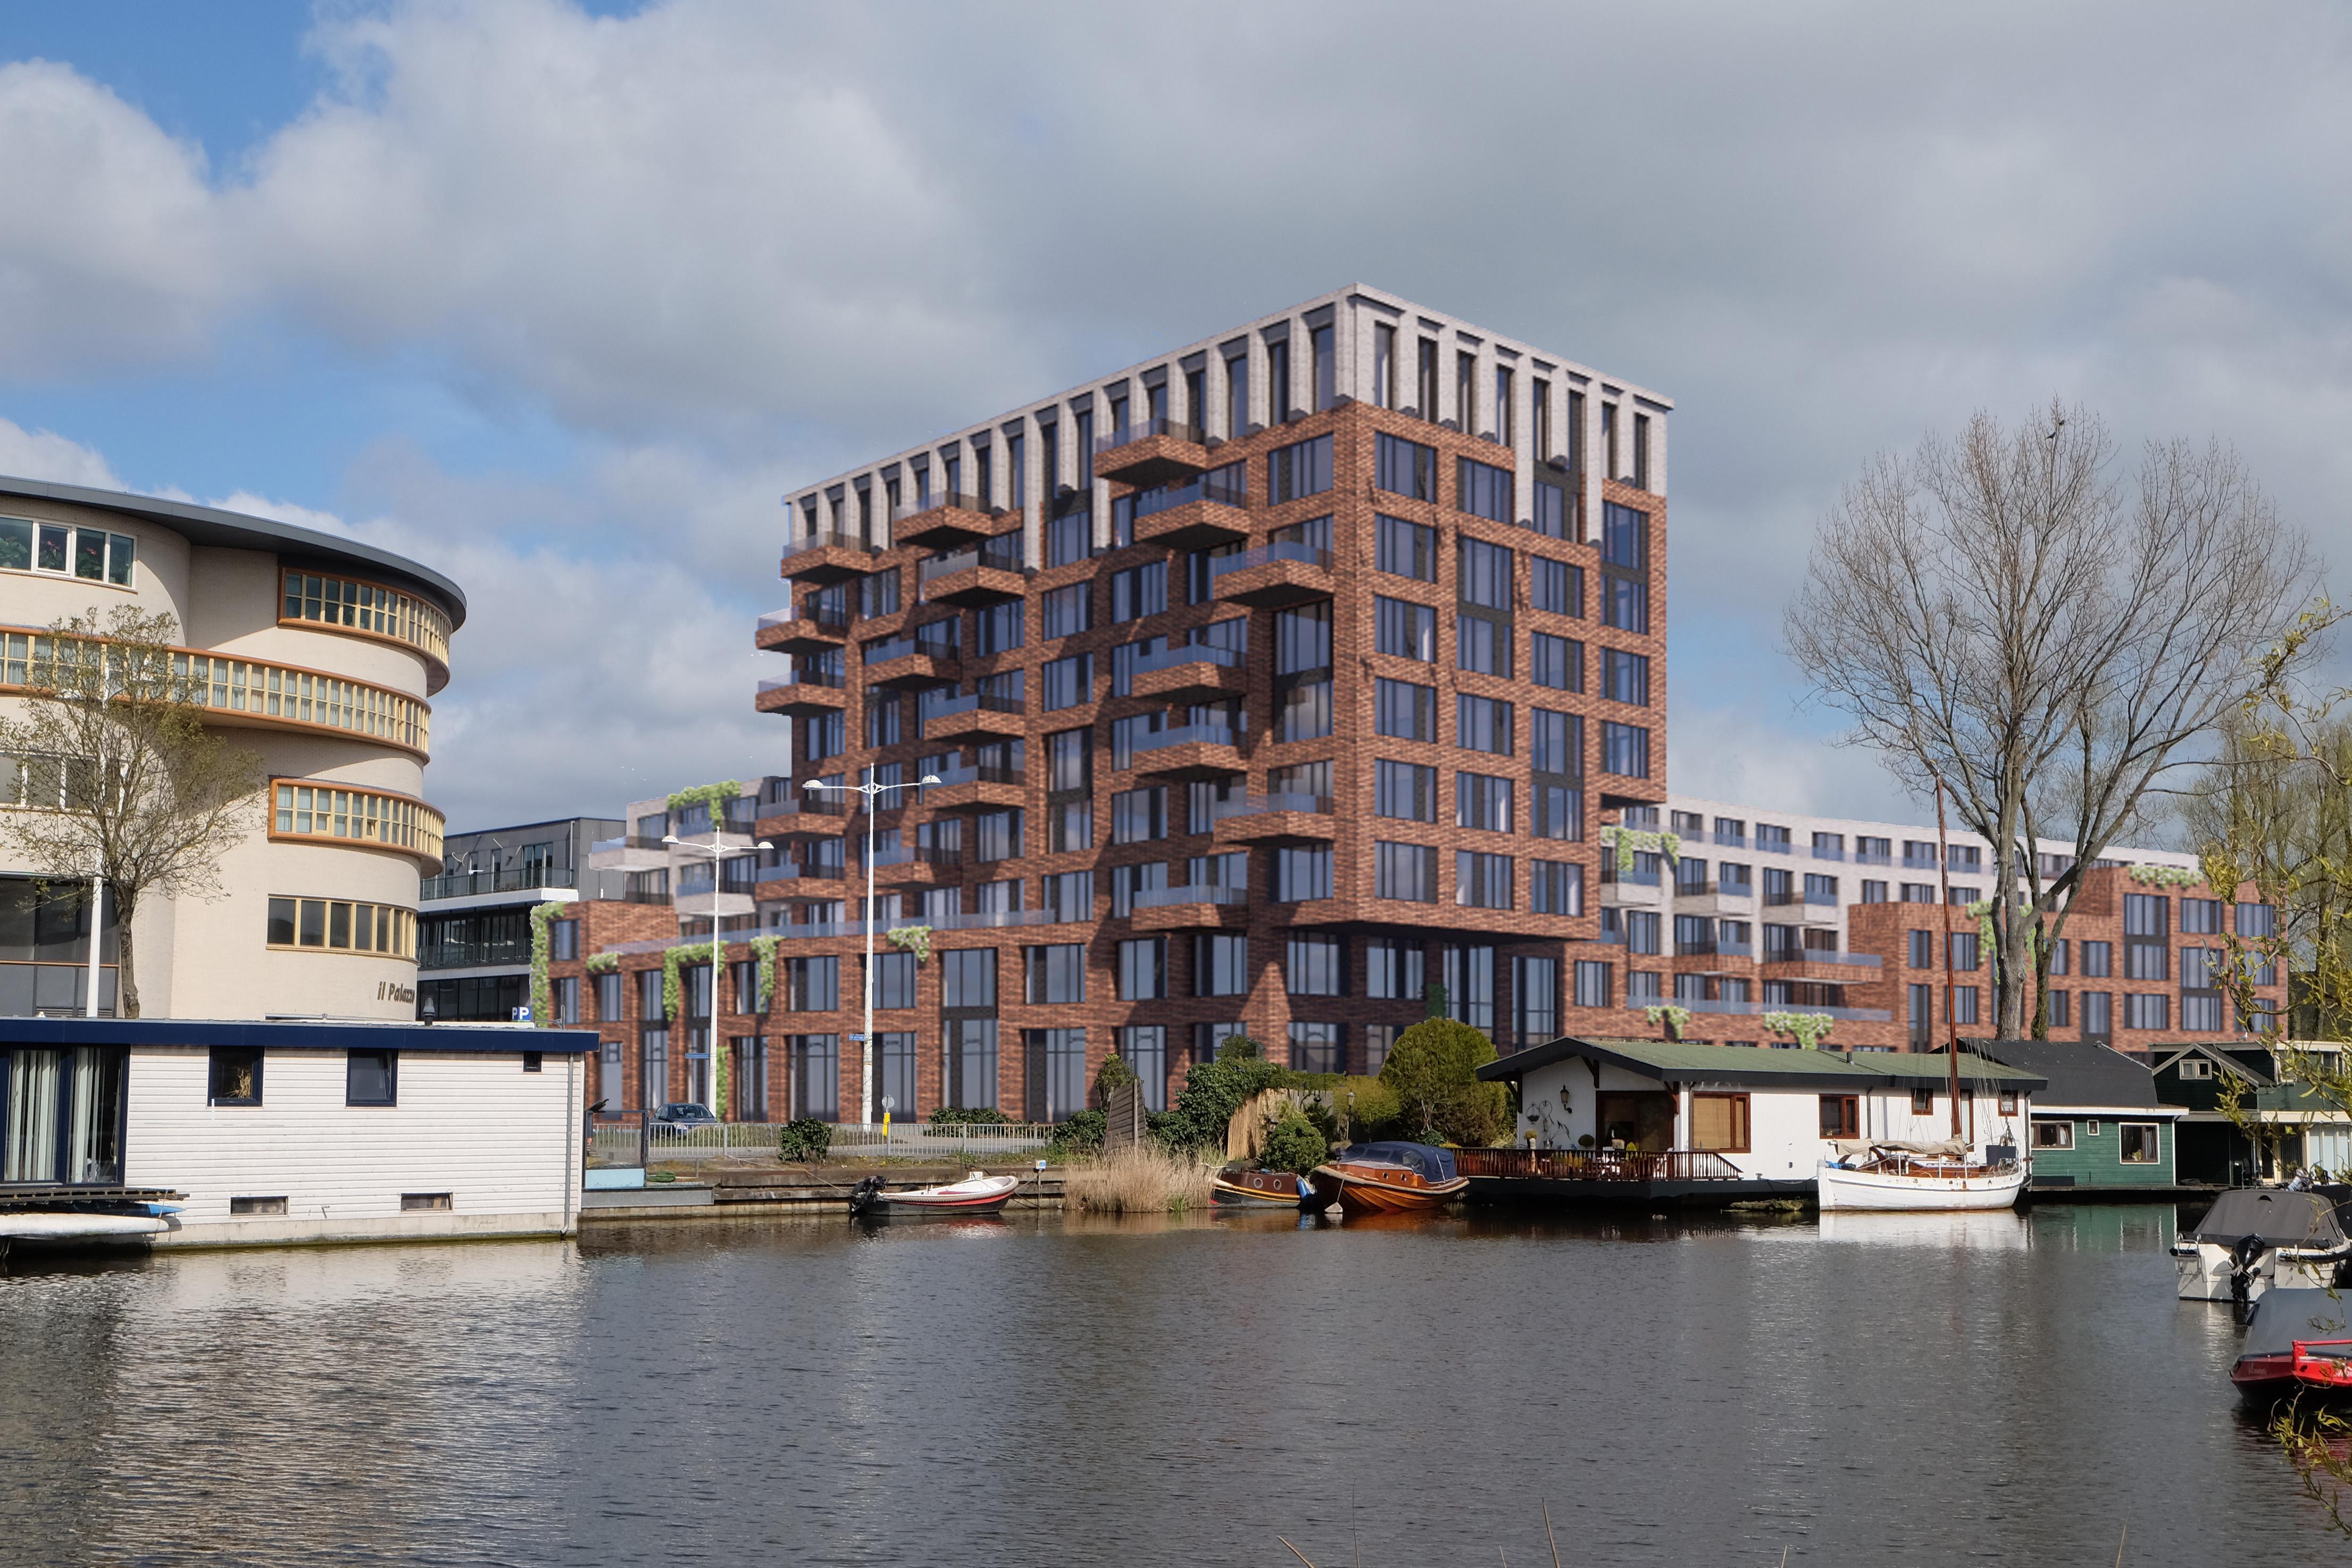 Wie bepaalt inspraak bij woningbouwplannen in Alkmaar? Senioren Alkmaar krijgen grote meerderheid achter een motie waar eigenlijk niemand tegen kan zijn